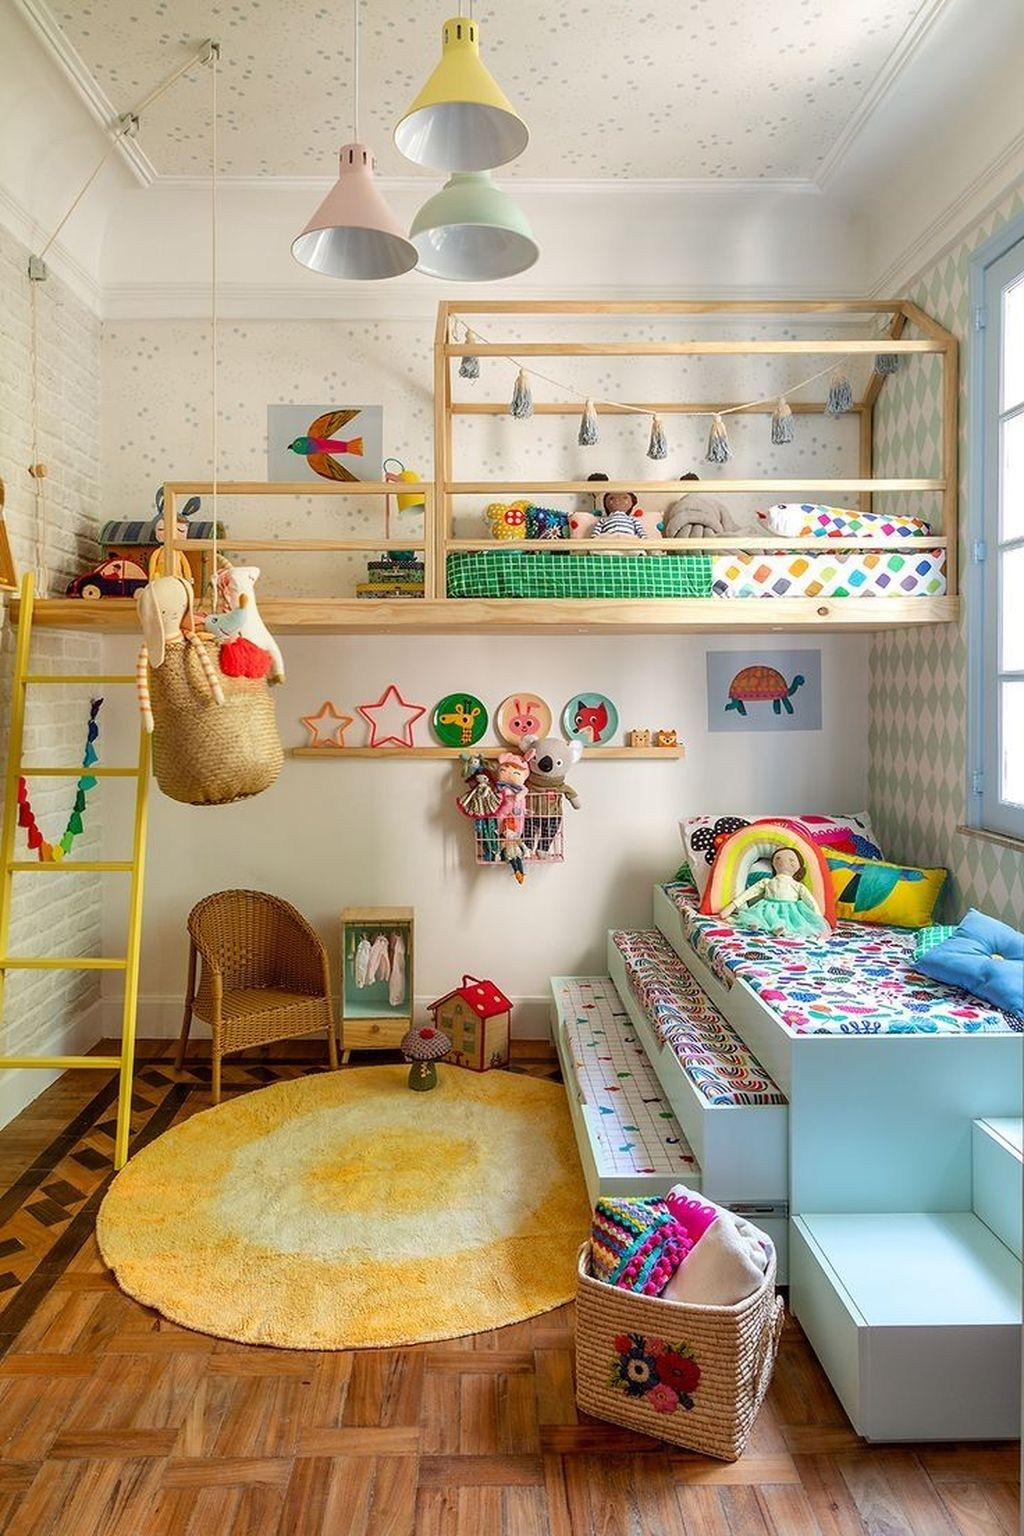 20 Moderne Farbenfrohen Schlafzimmer Deko Ideen Fur Kinder 24 Der Beste Weg Um Design Eine Benutzerdefi Kinderzimmer Dekor Kinder Zimmer Zimmerdekoration